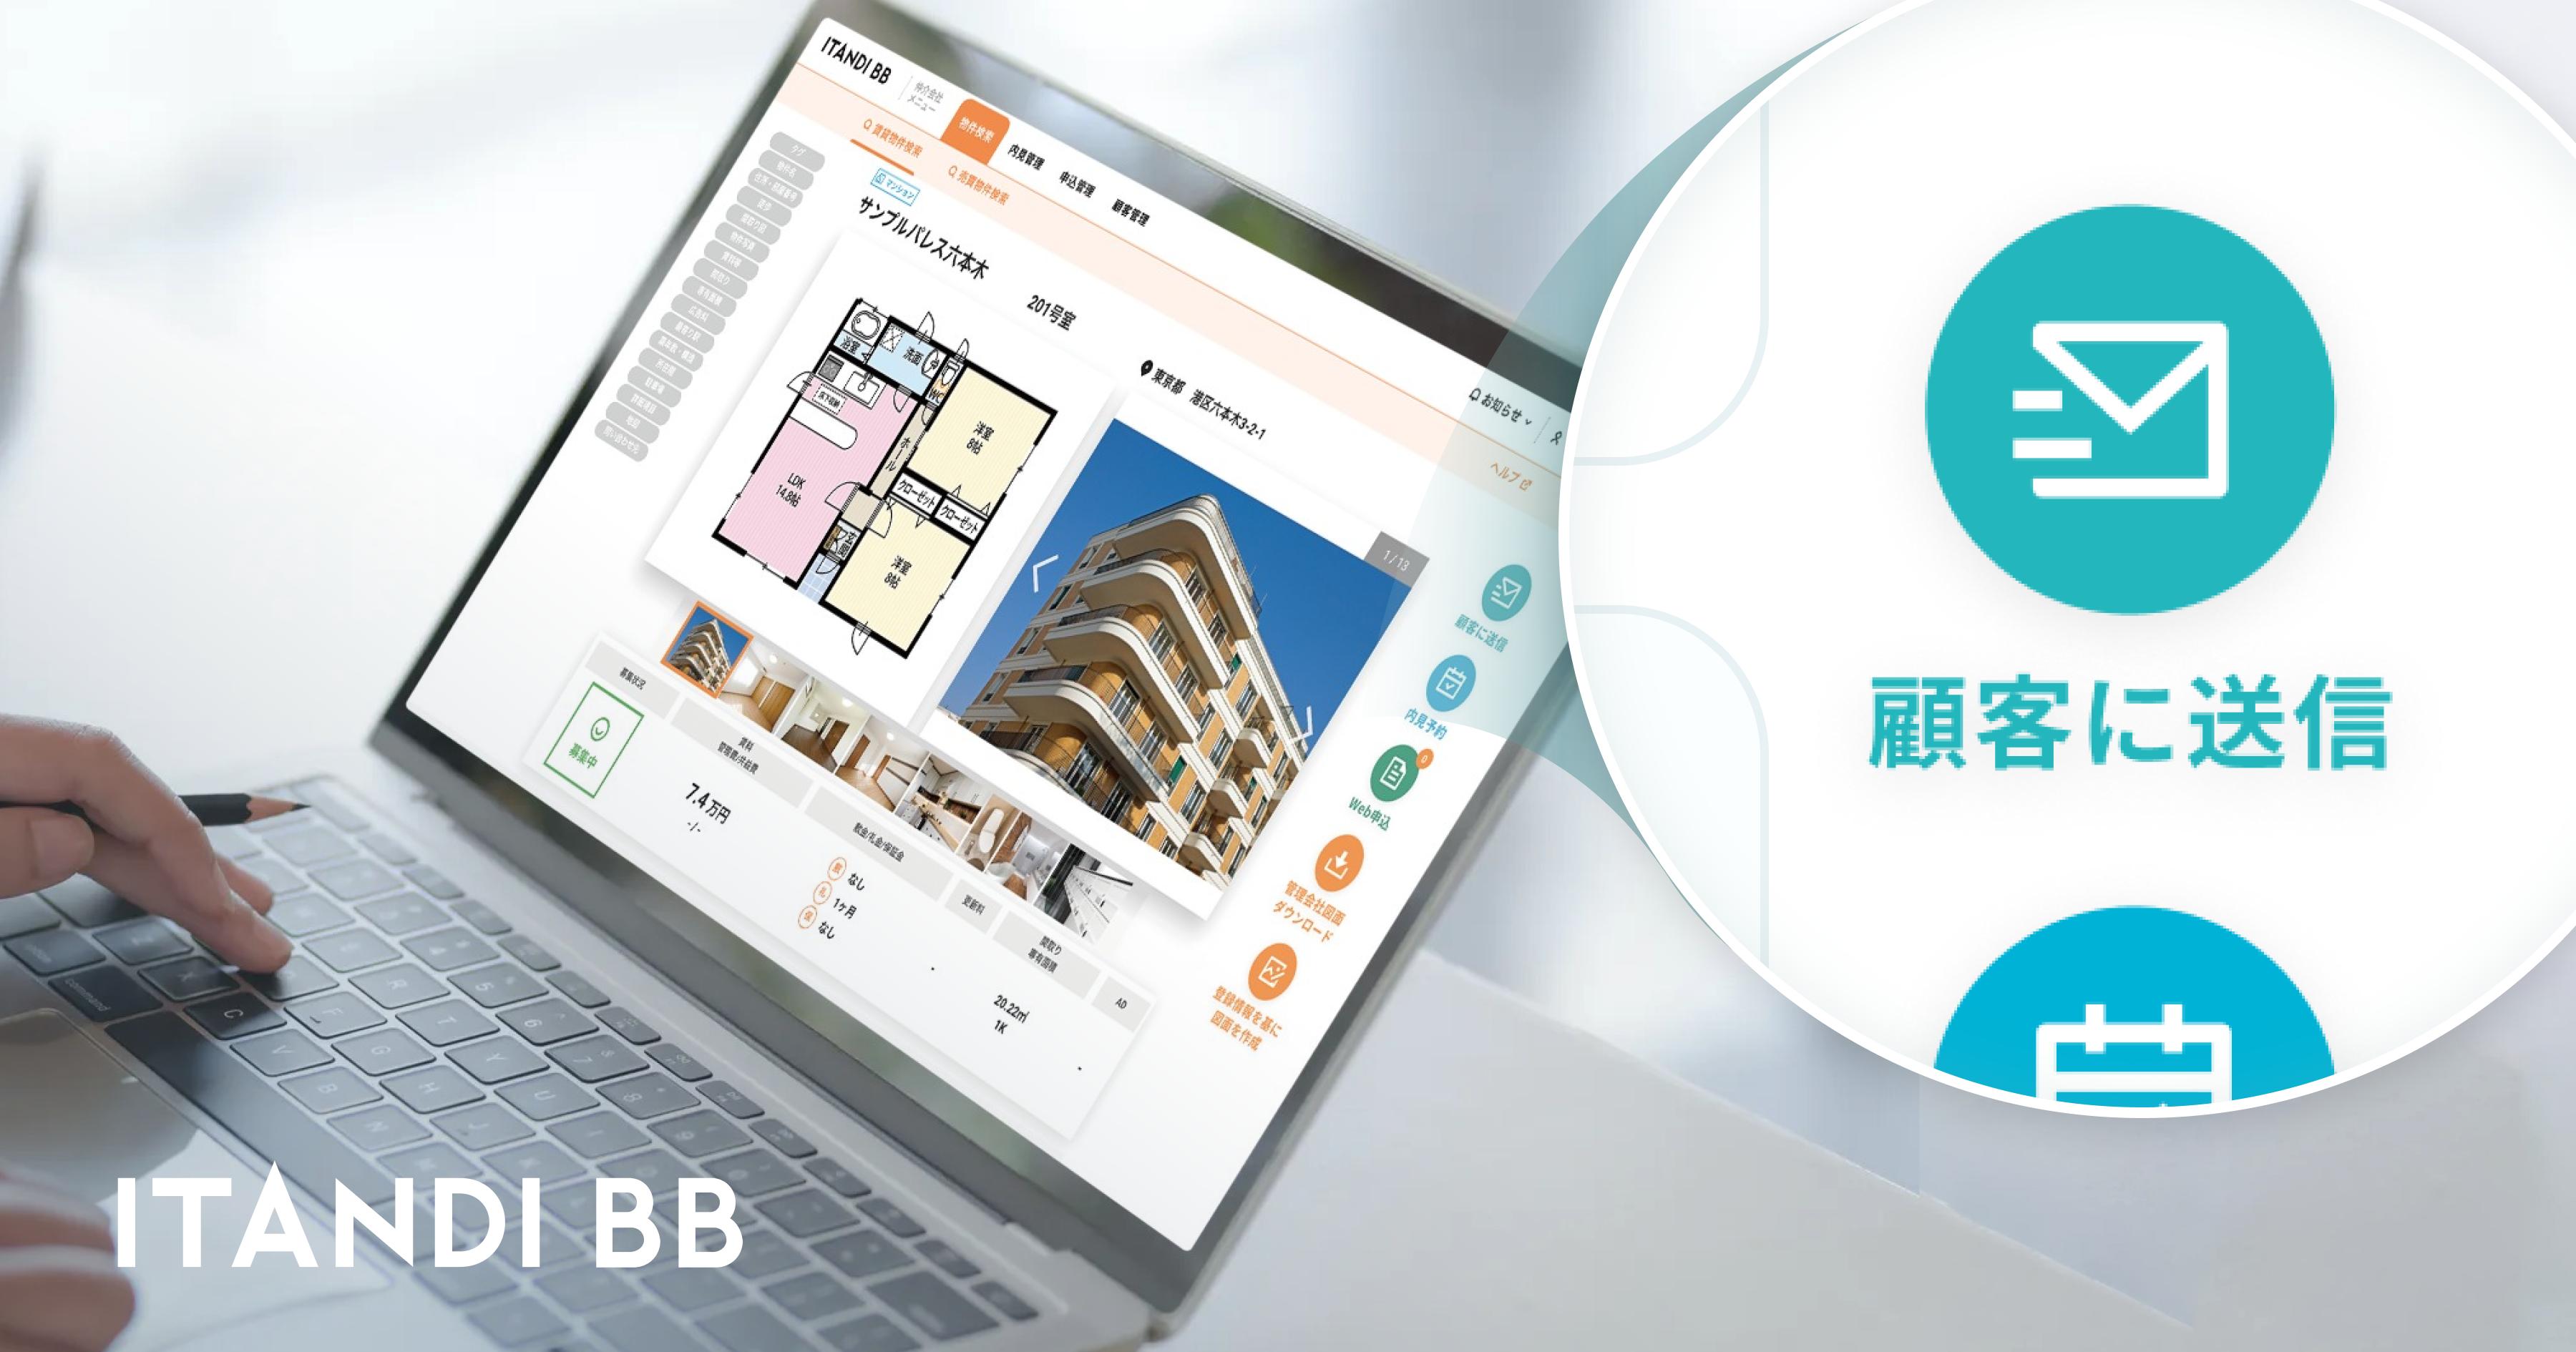 不動産業者間サイト「ITANDI BB」顧客管理・物件提案機能を搭載、空室情報を即時自動回答